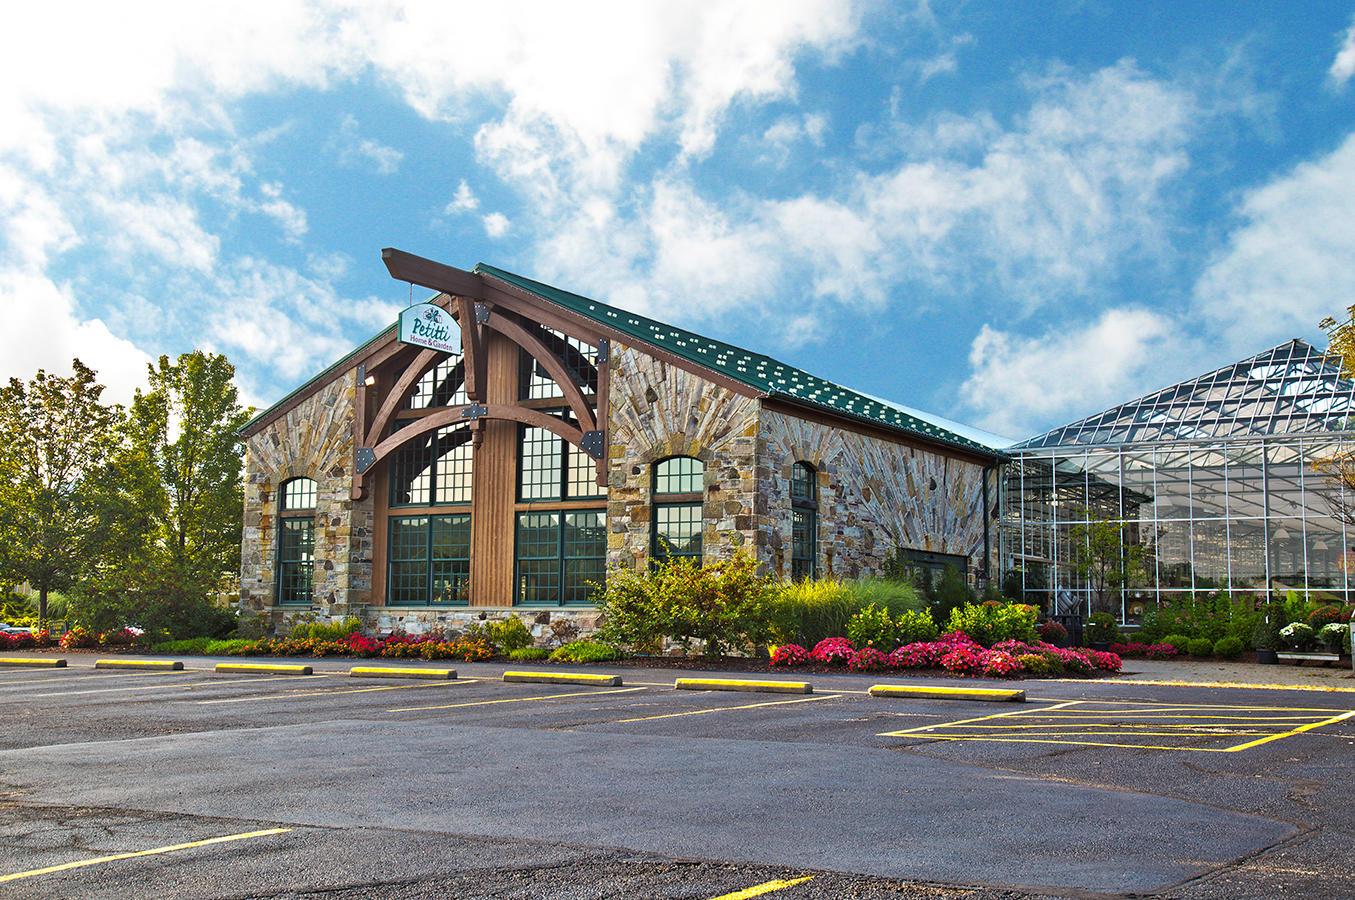 Petitti Garden Centers - Bainbridge, OH